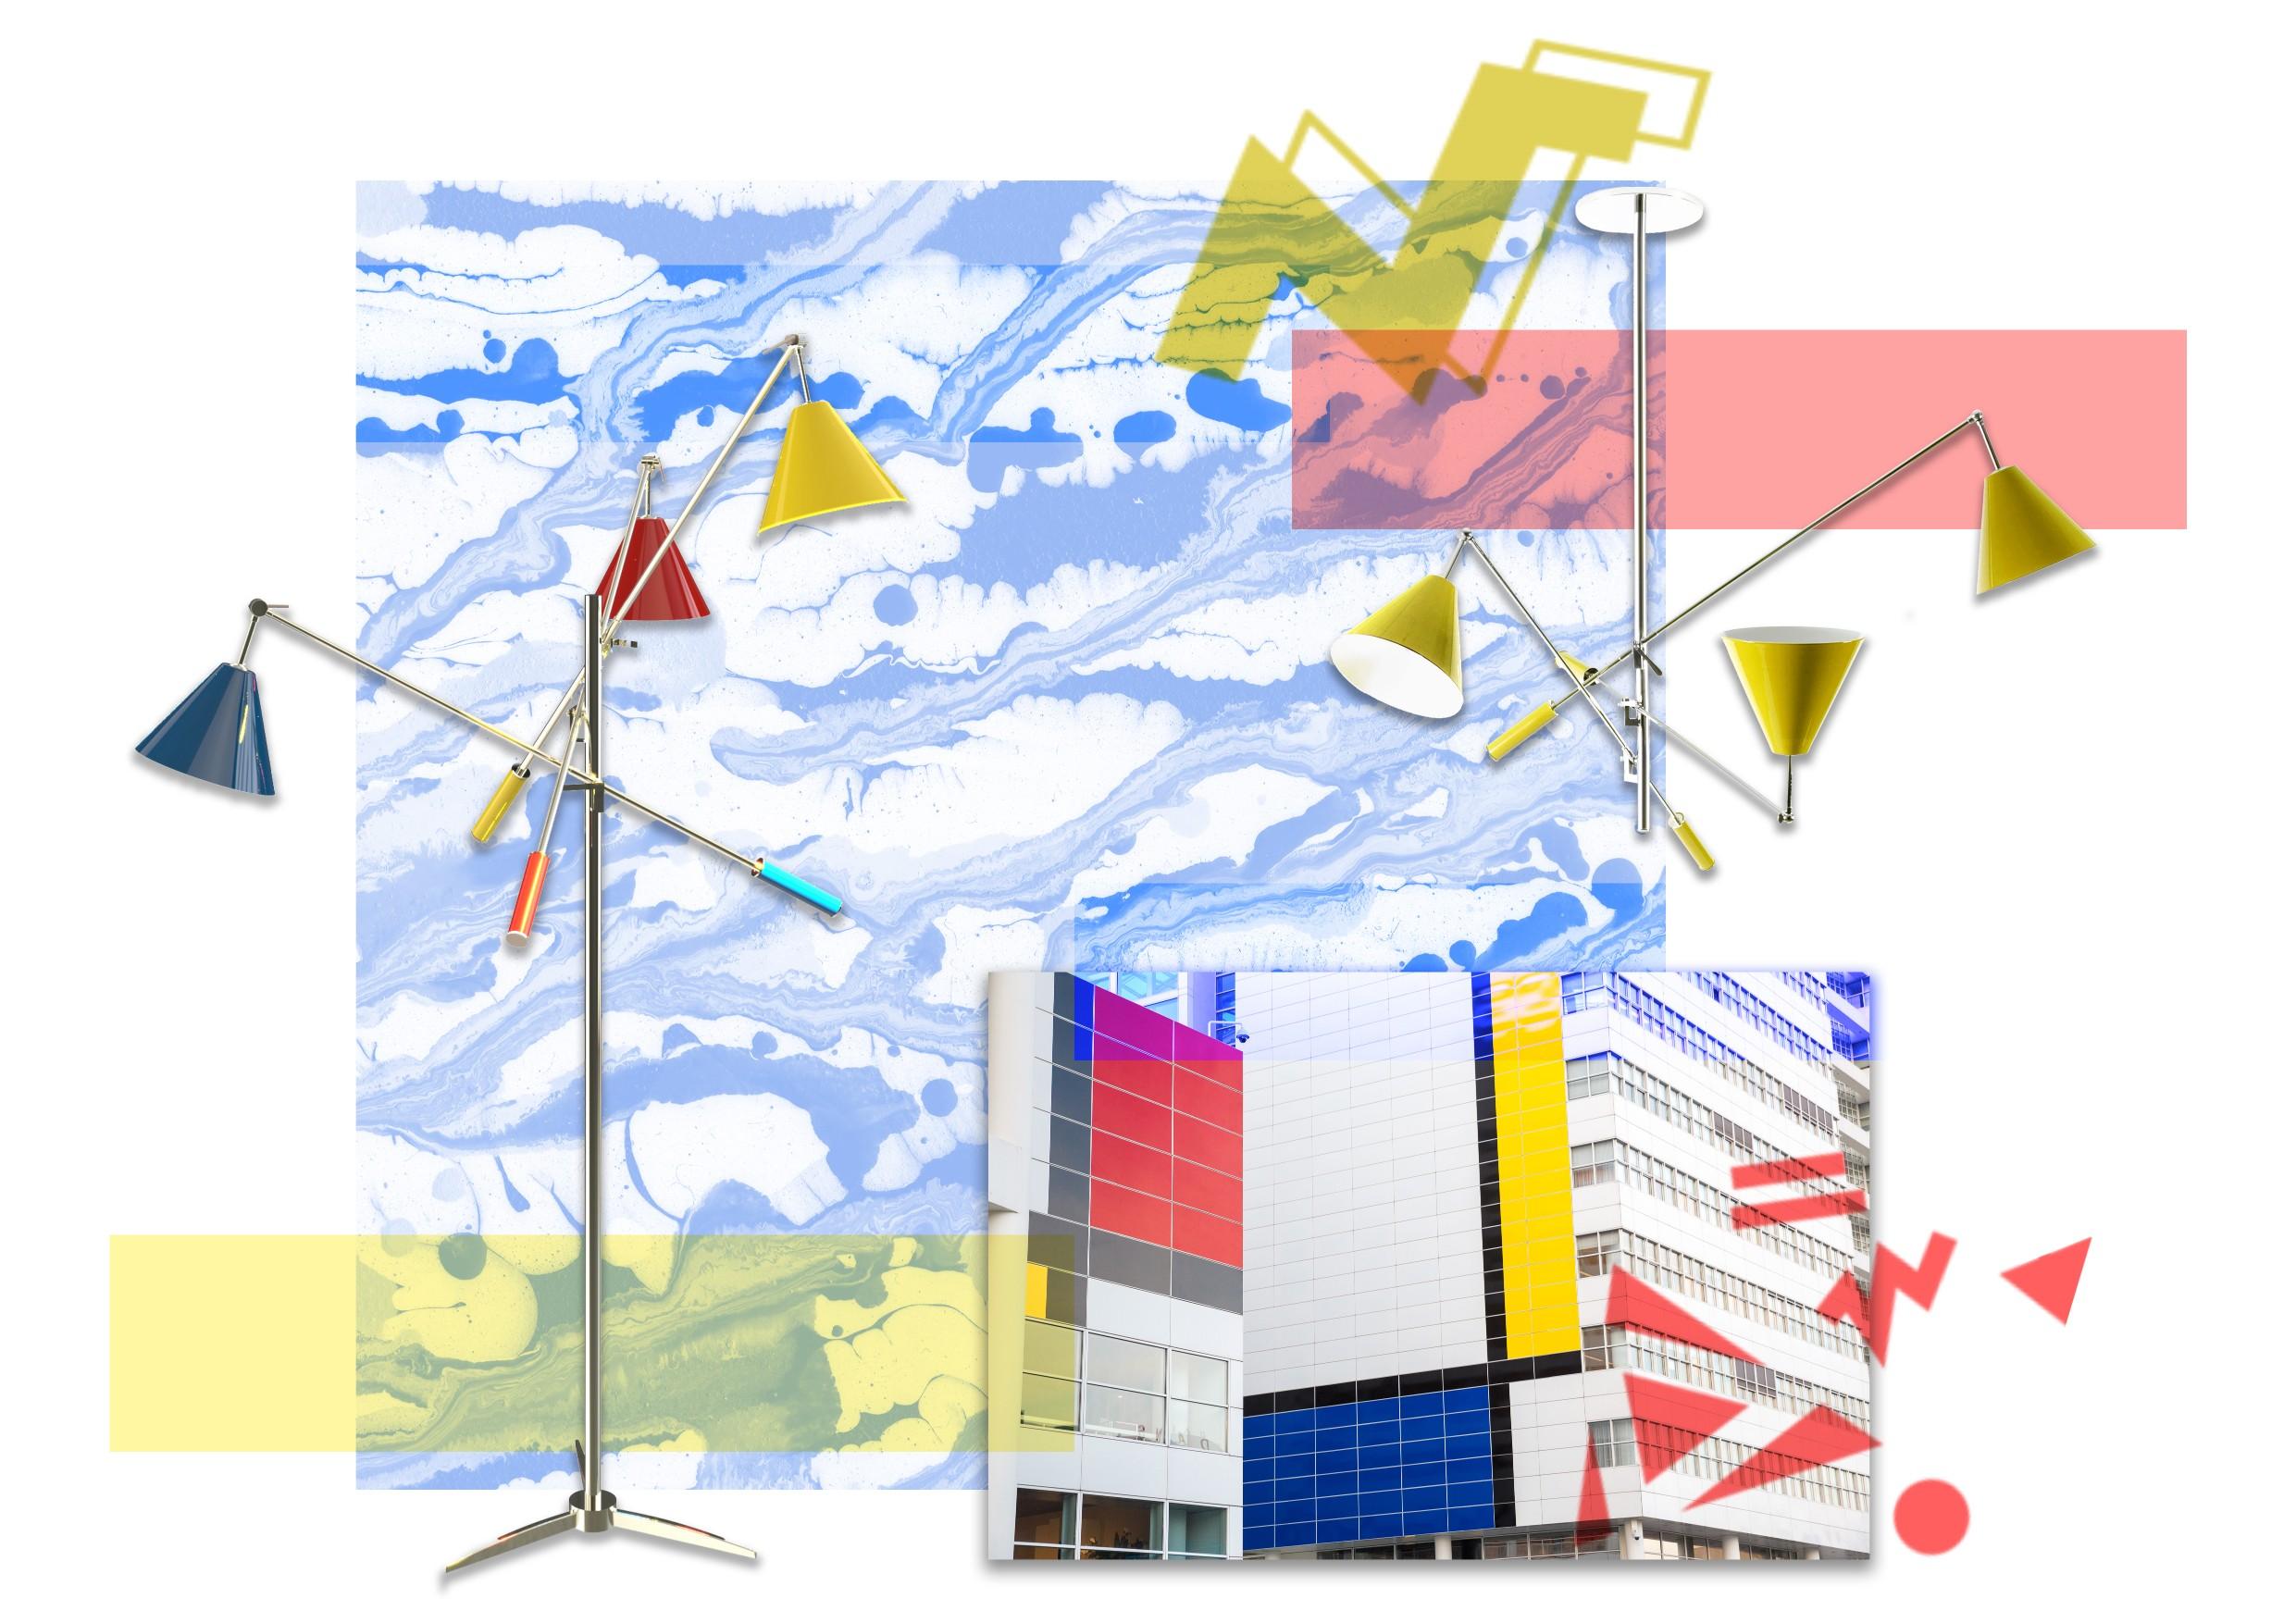 Summertime Mood Boards  Summertime mood boards Feel Inspired By These Summertime Mood Boards and Floor Lamps! Feel Inspired By These Mood Board and Floor Lamps 5